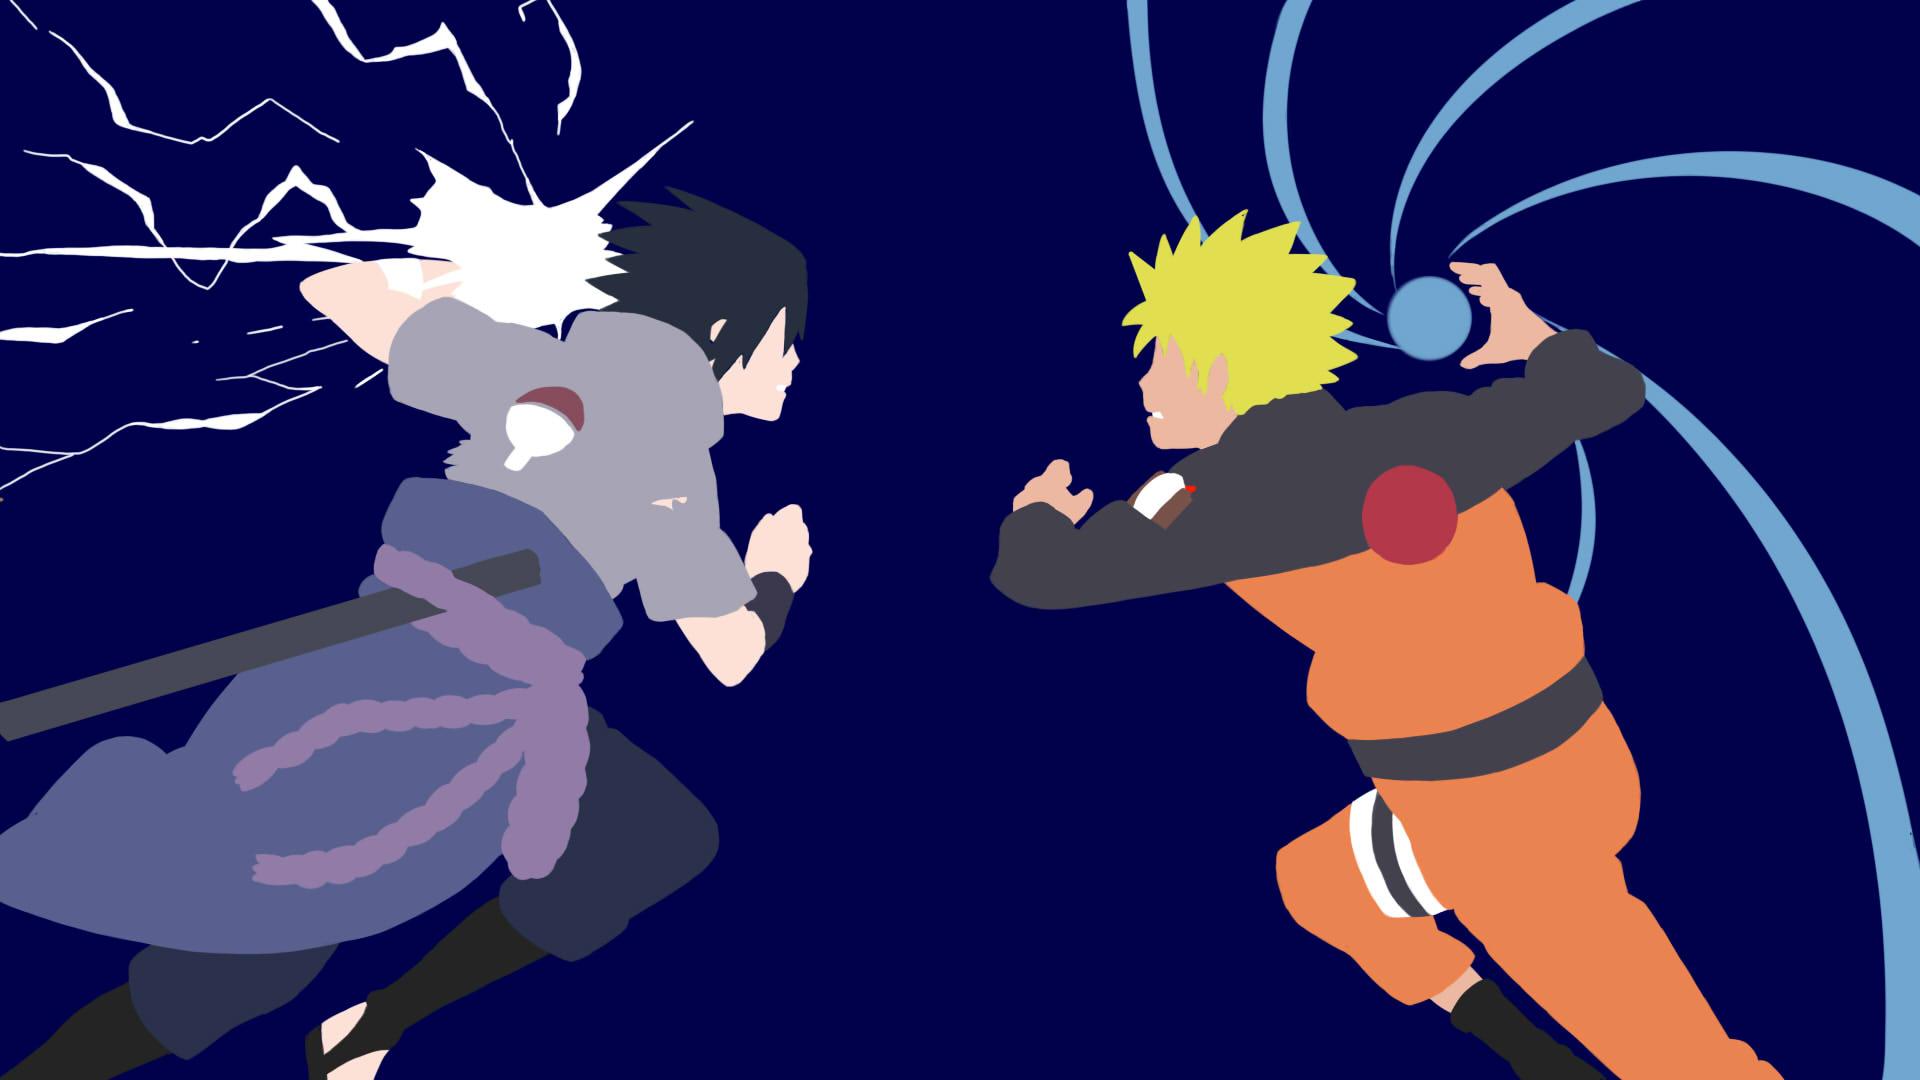 1920x1080 So I Decided To Draw Naruto And Sasuke Today. Naruto